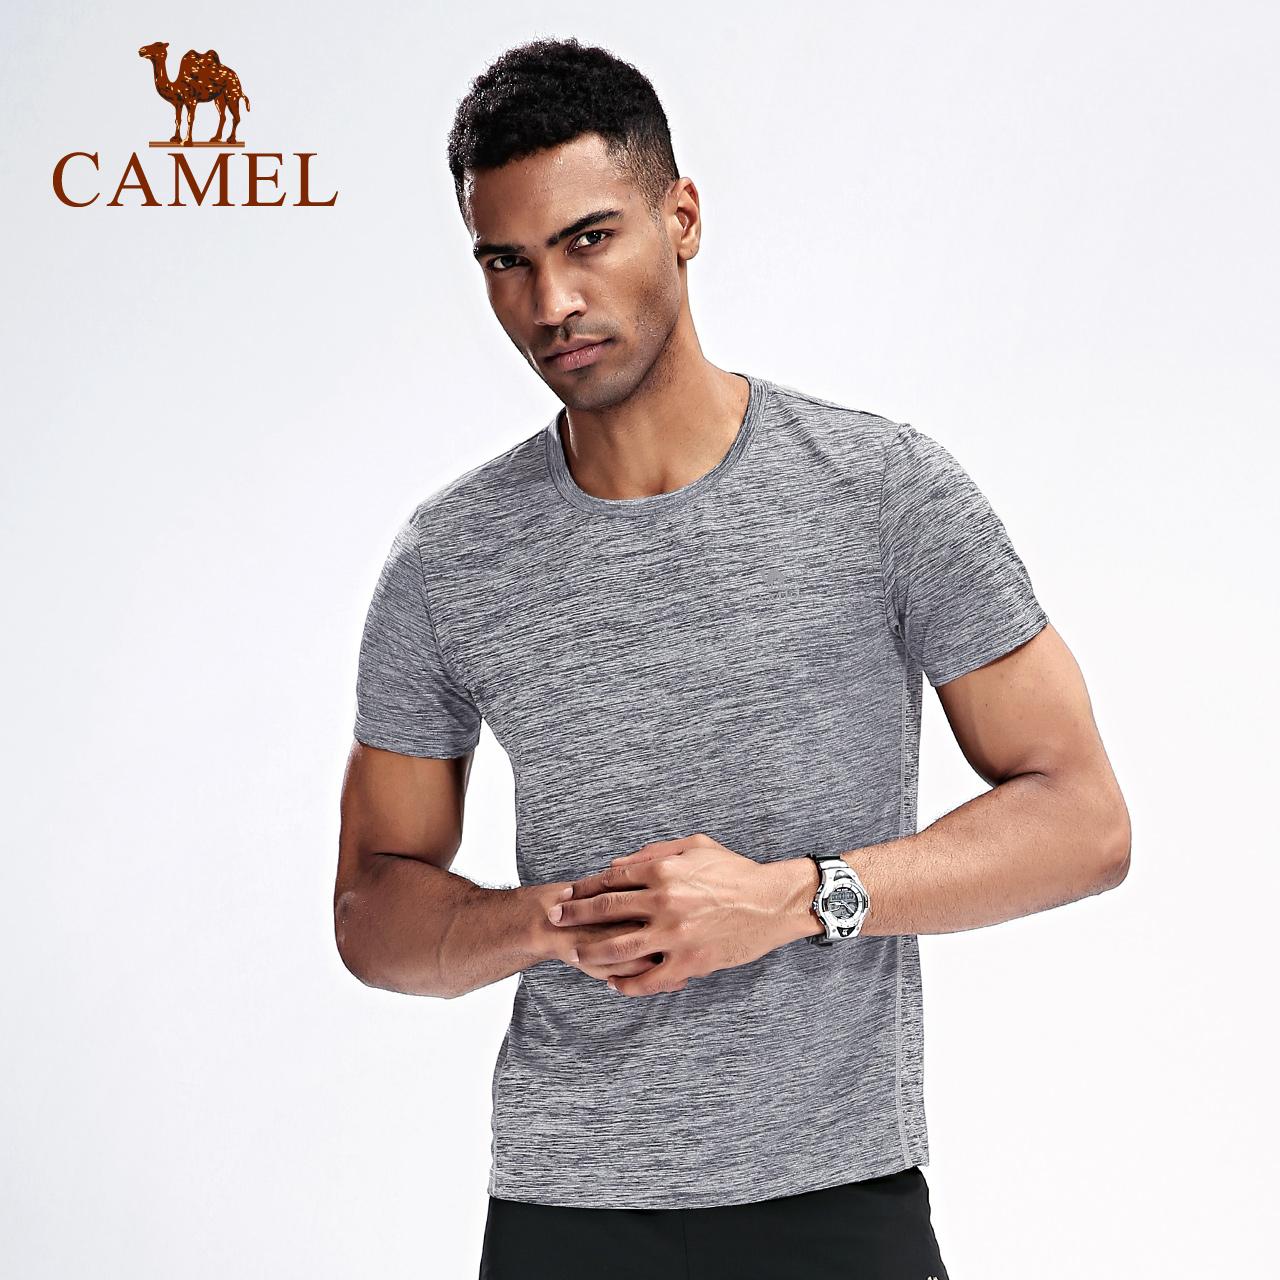 骆驼运动短袖男士圆领户外夏透气宽松跑步运动快干t恤女士体恤